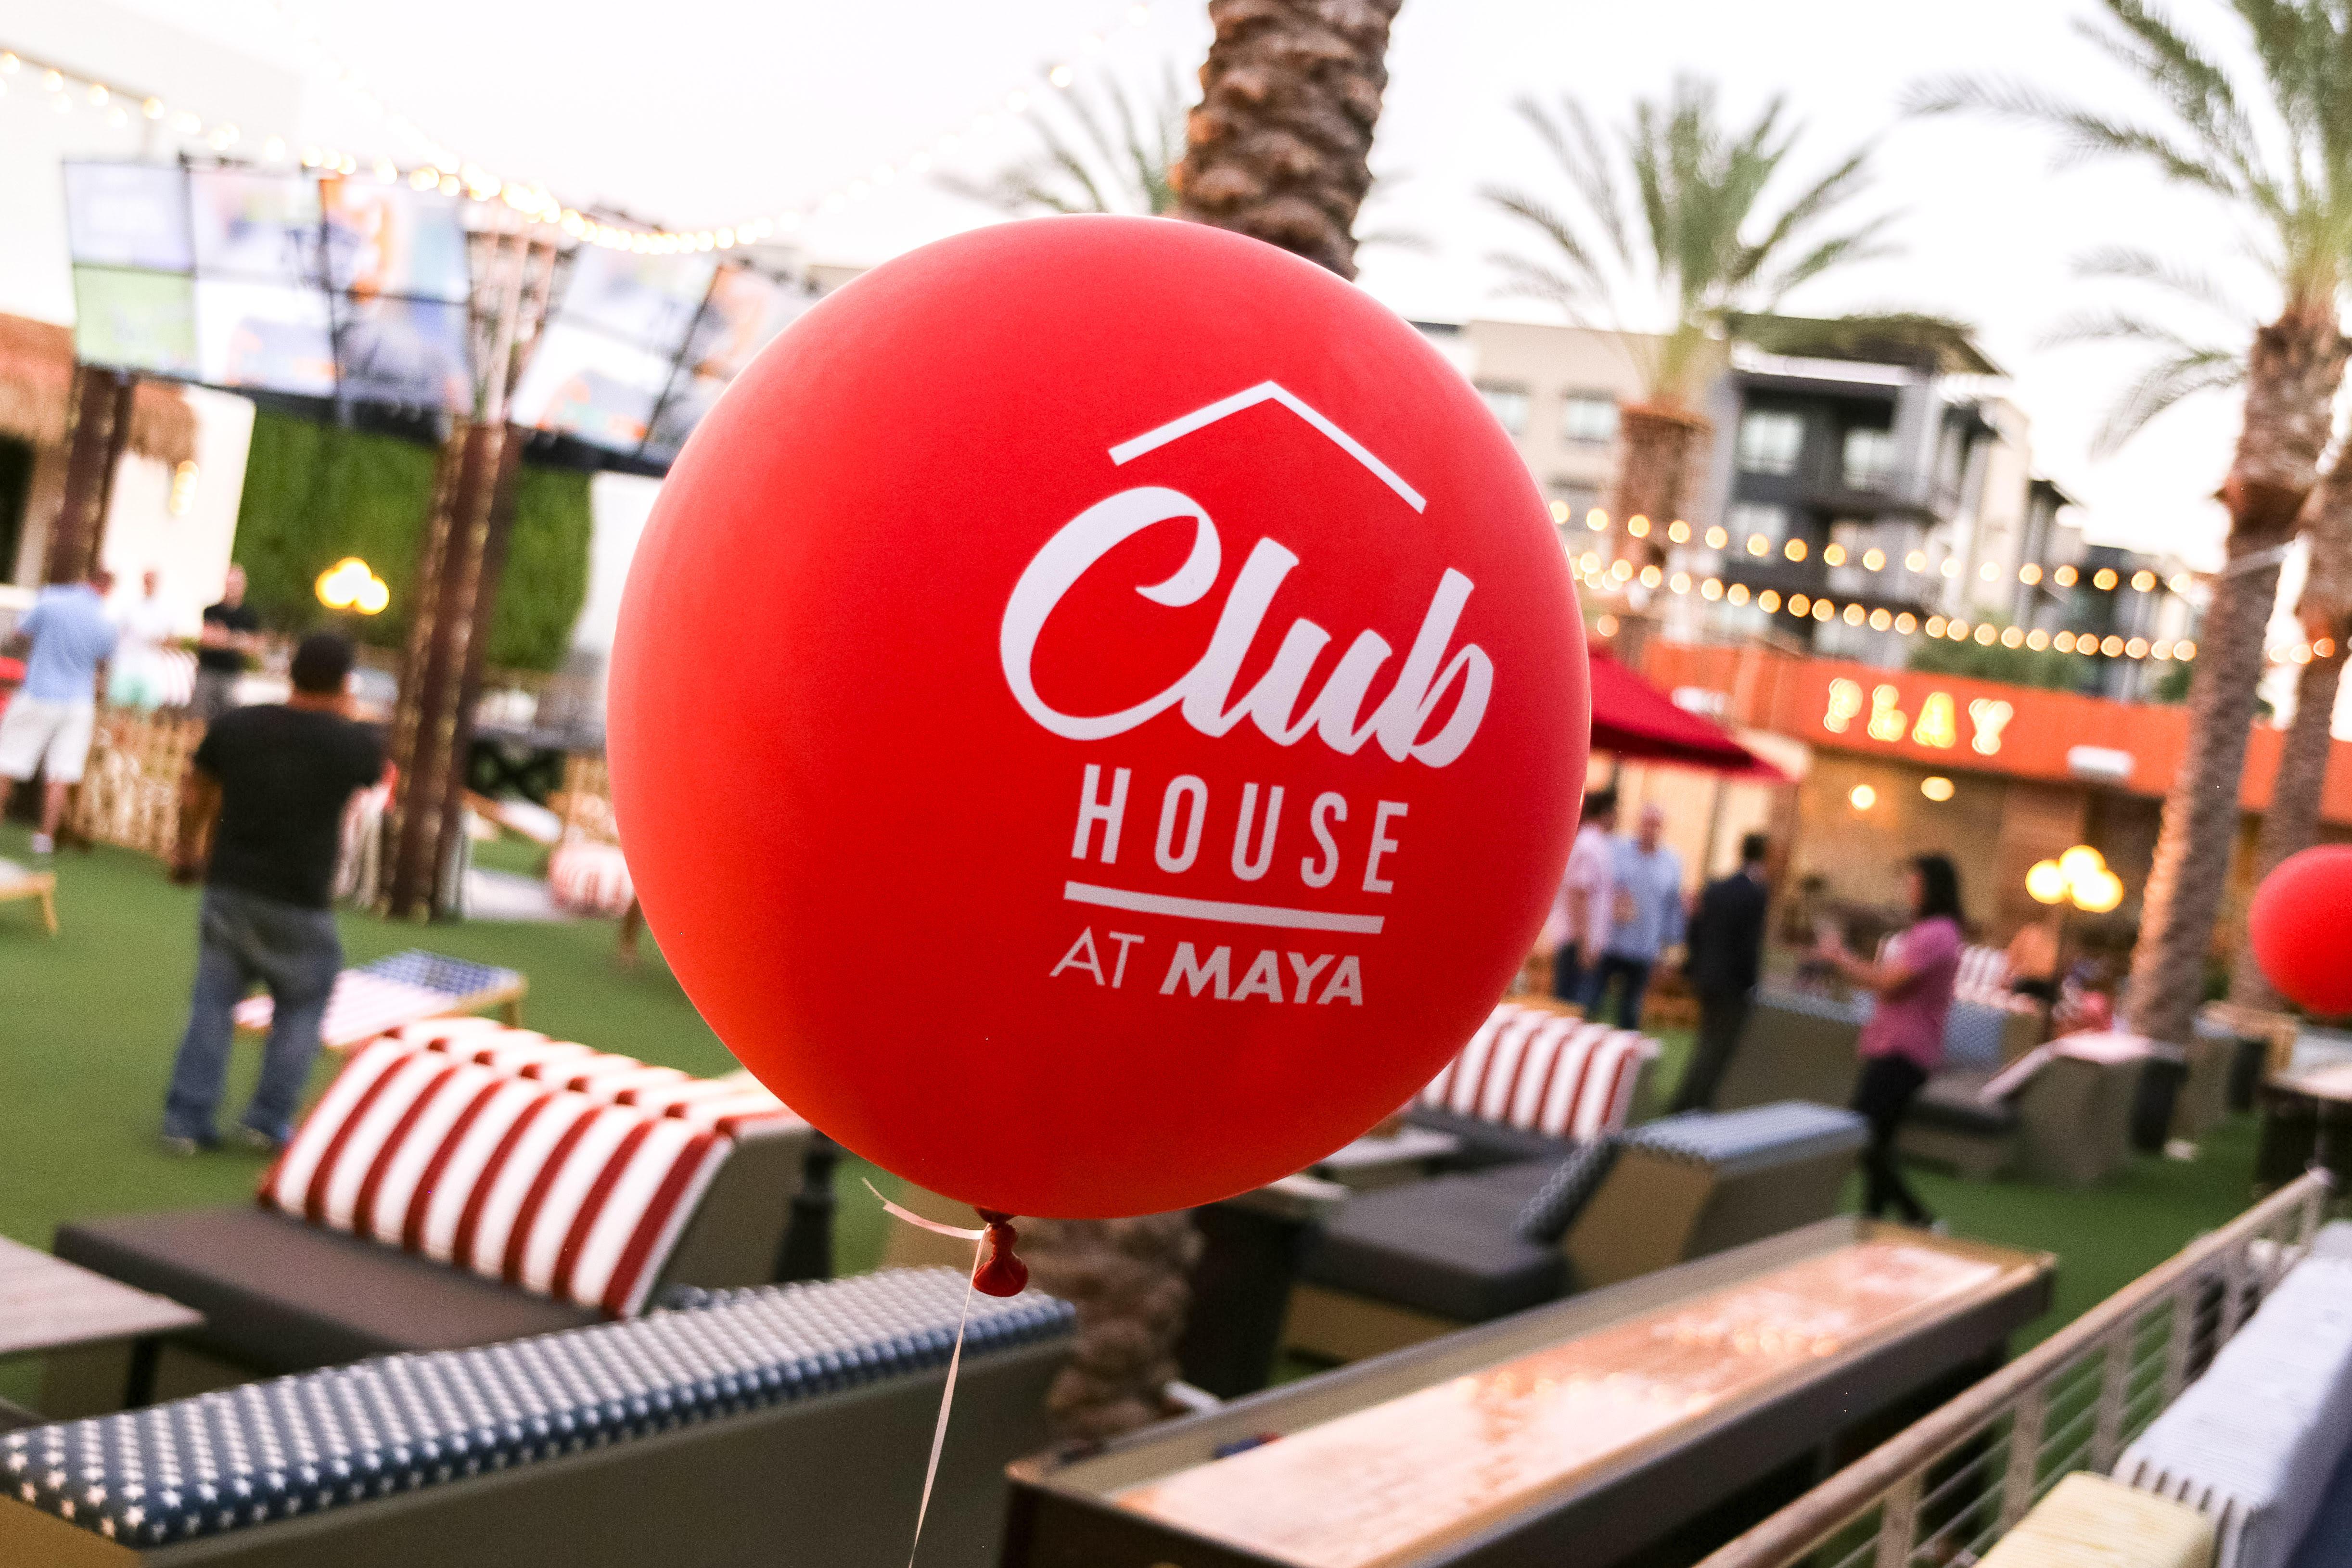 Club House At Maya